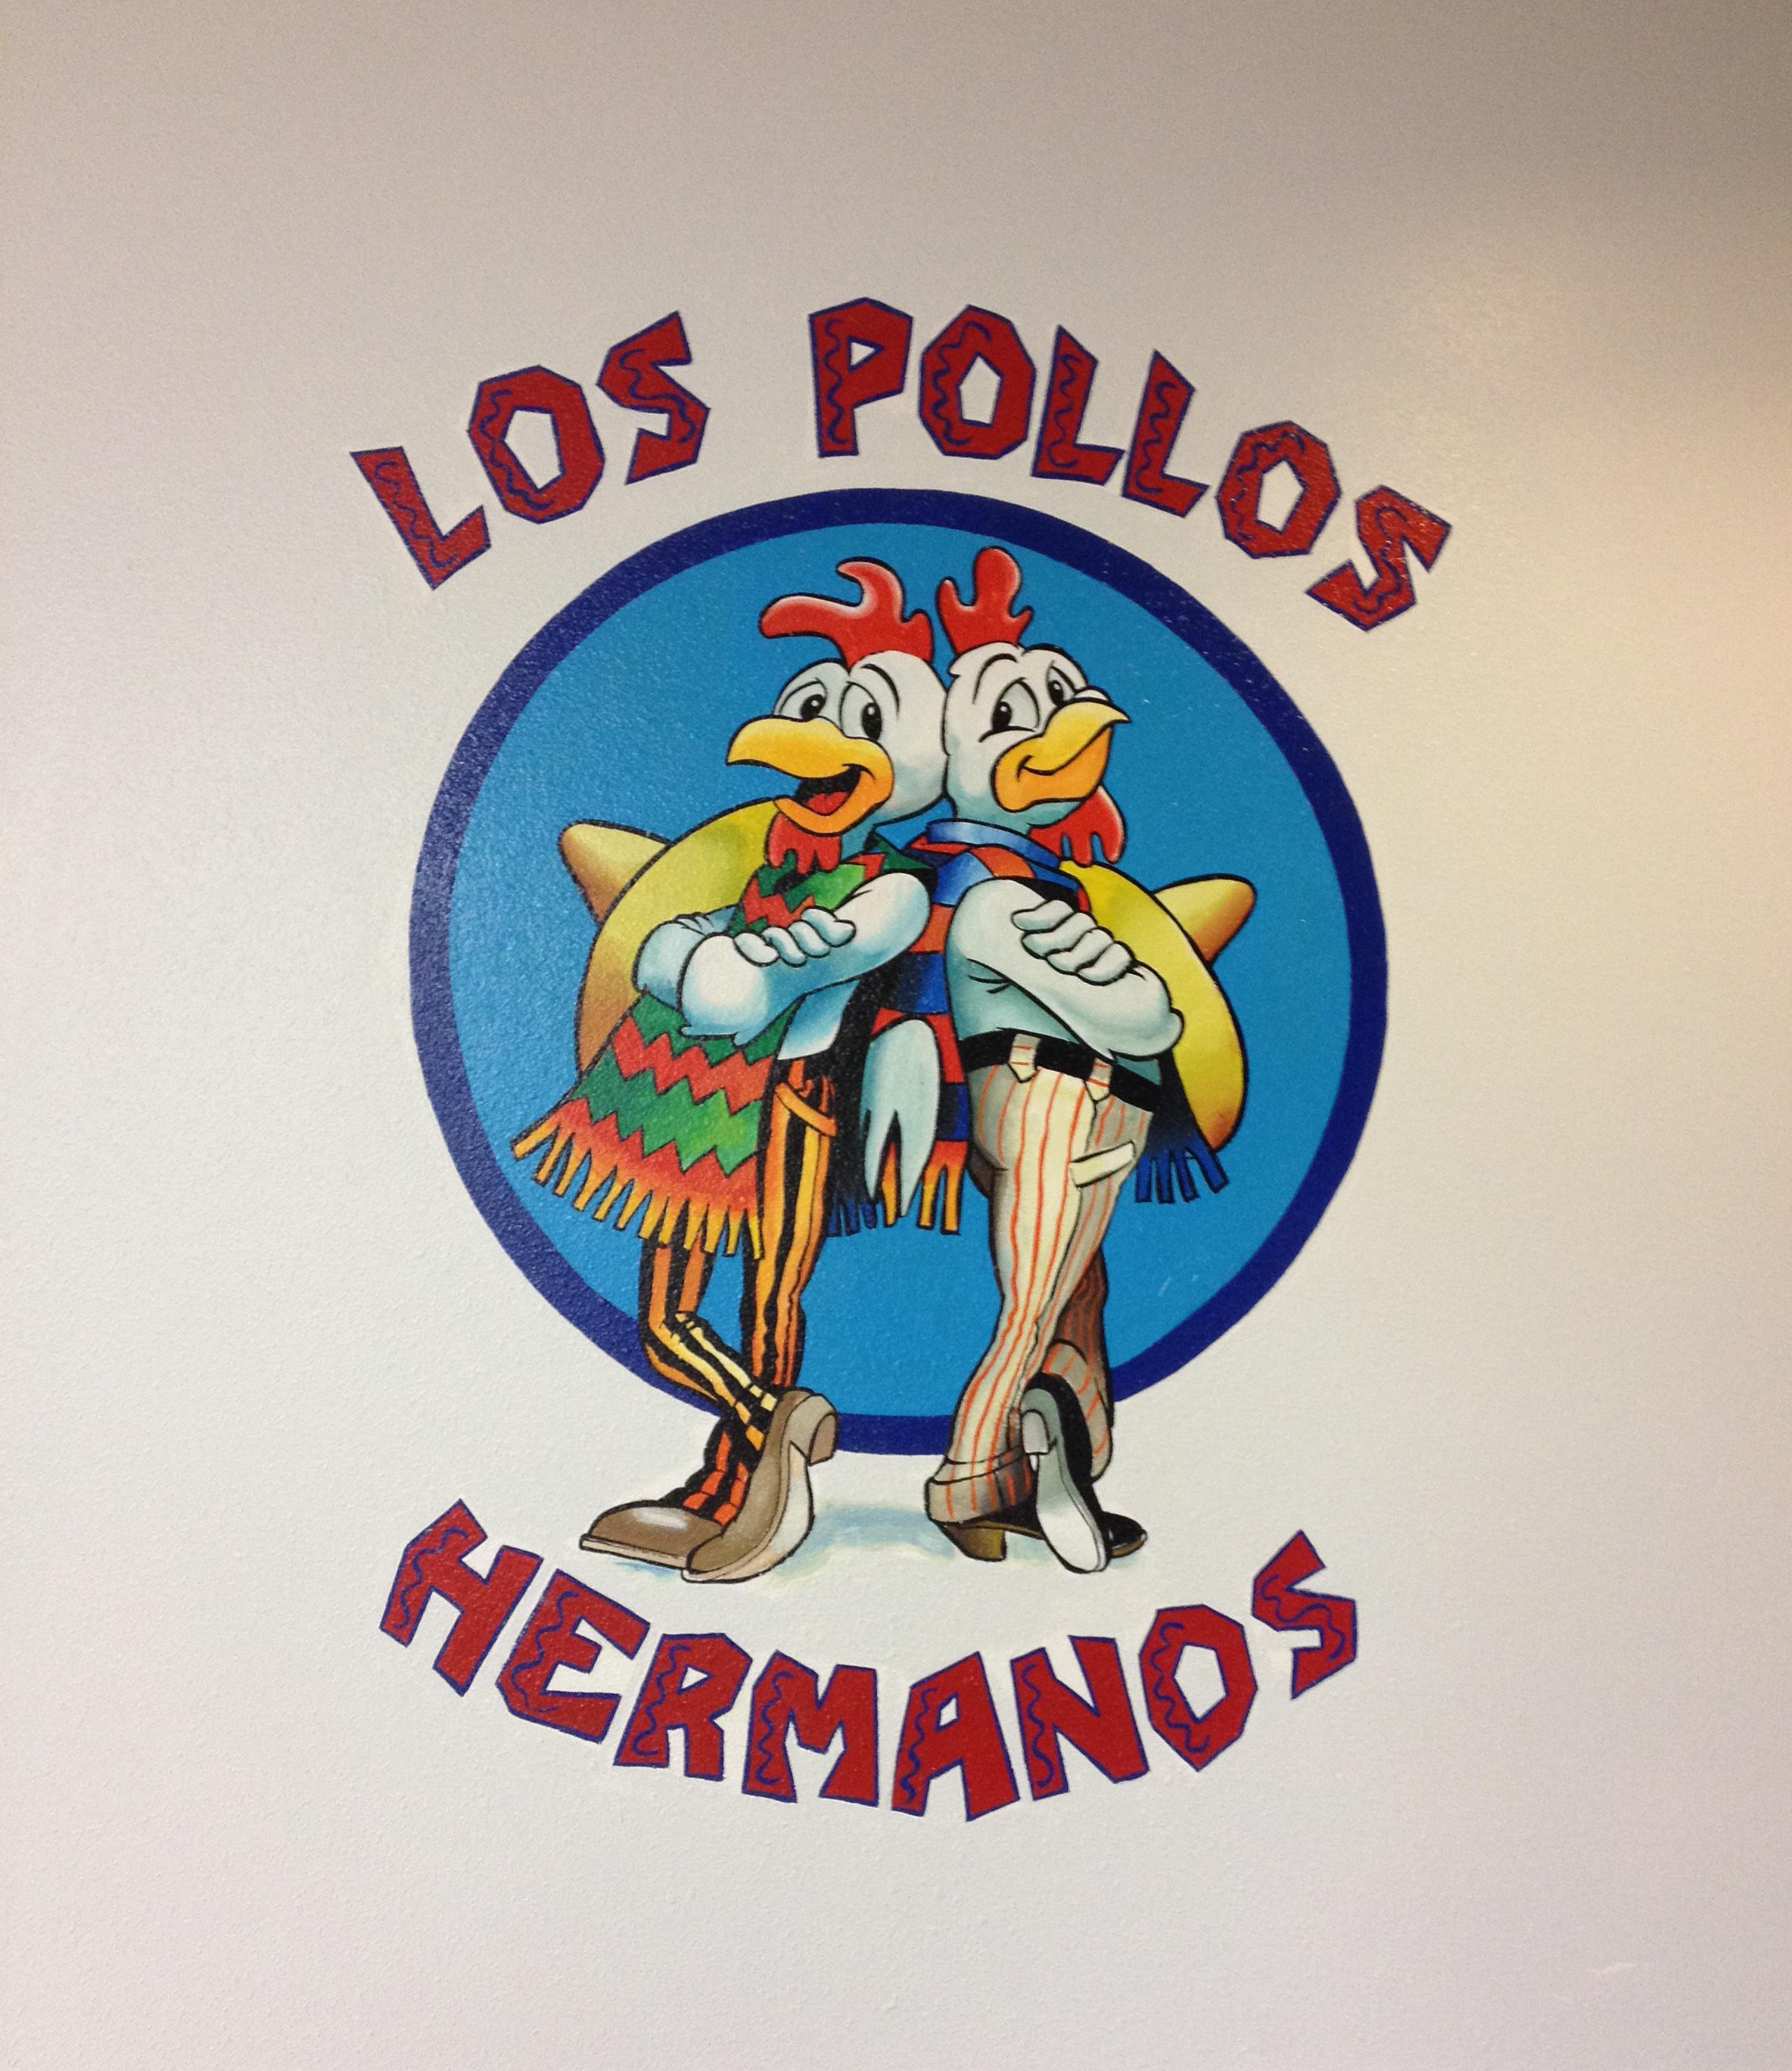 150614 - 054 - Albuquerque - Twister, set Los Pollos Hermanos ritagliato